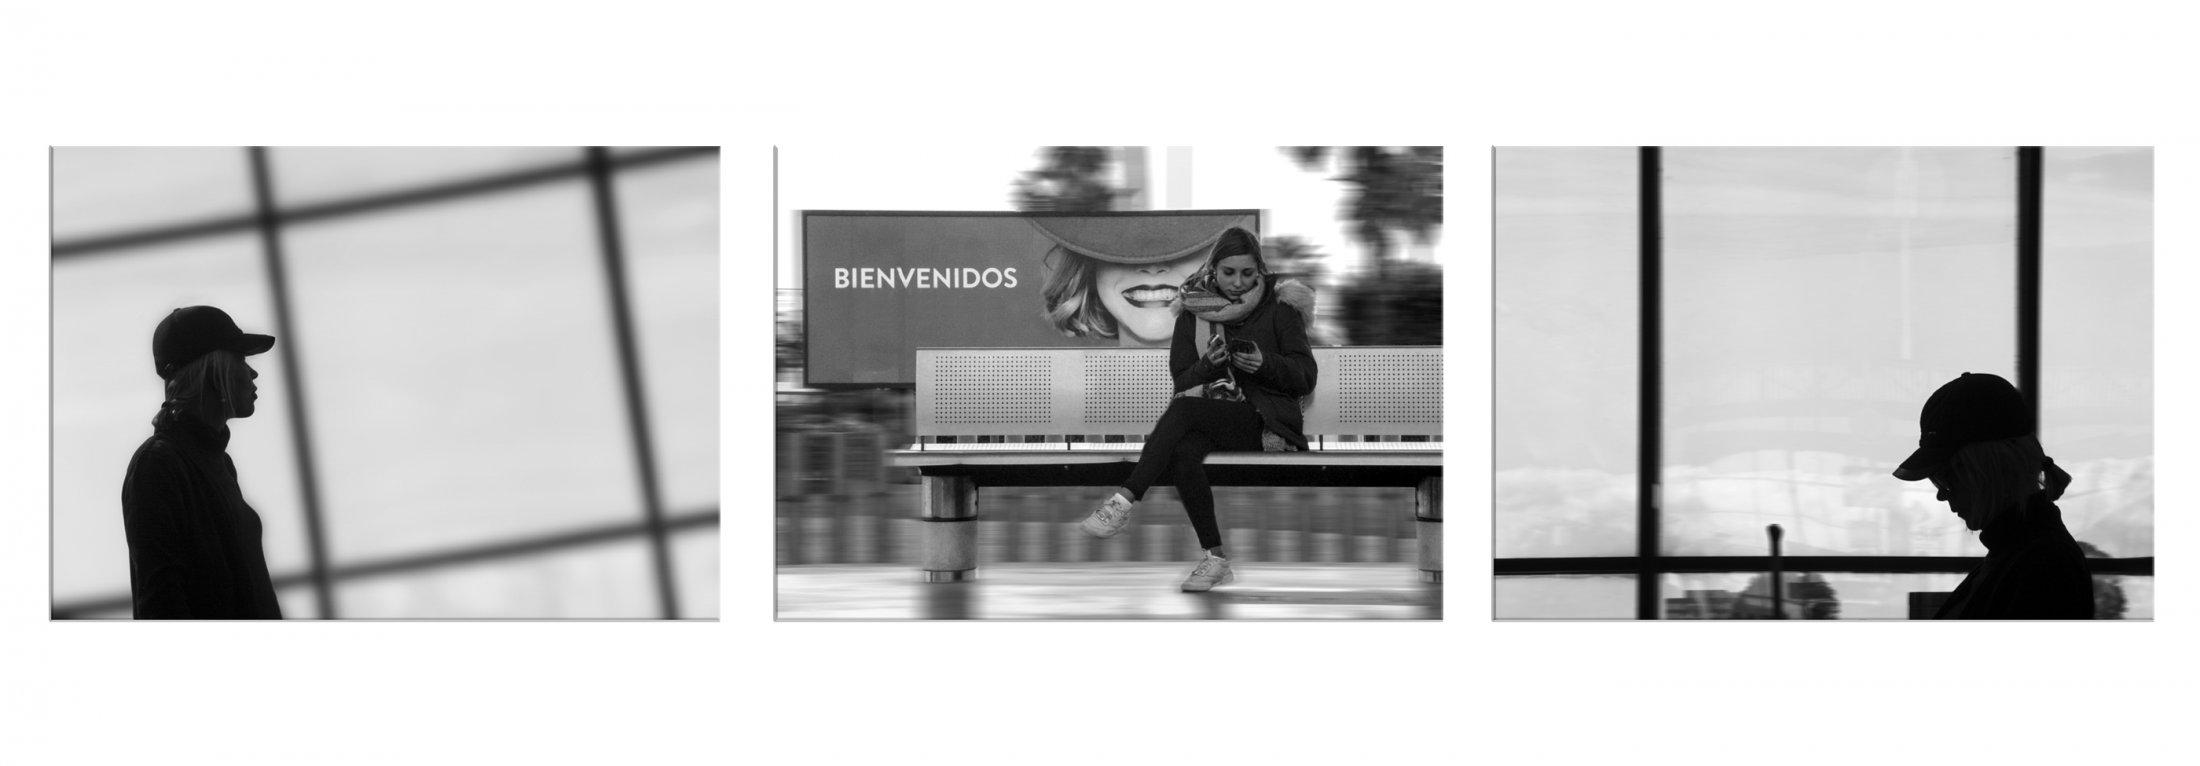 064 - Bienvenidos